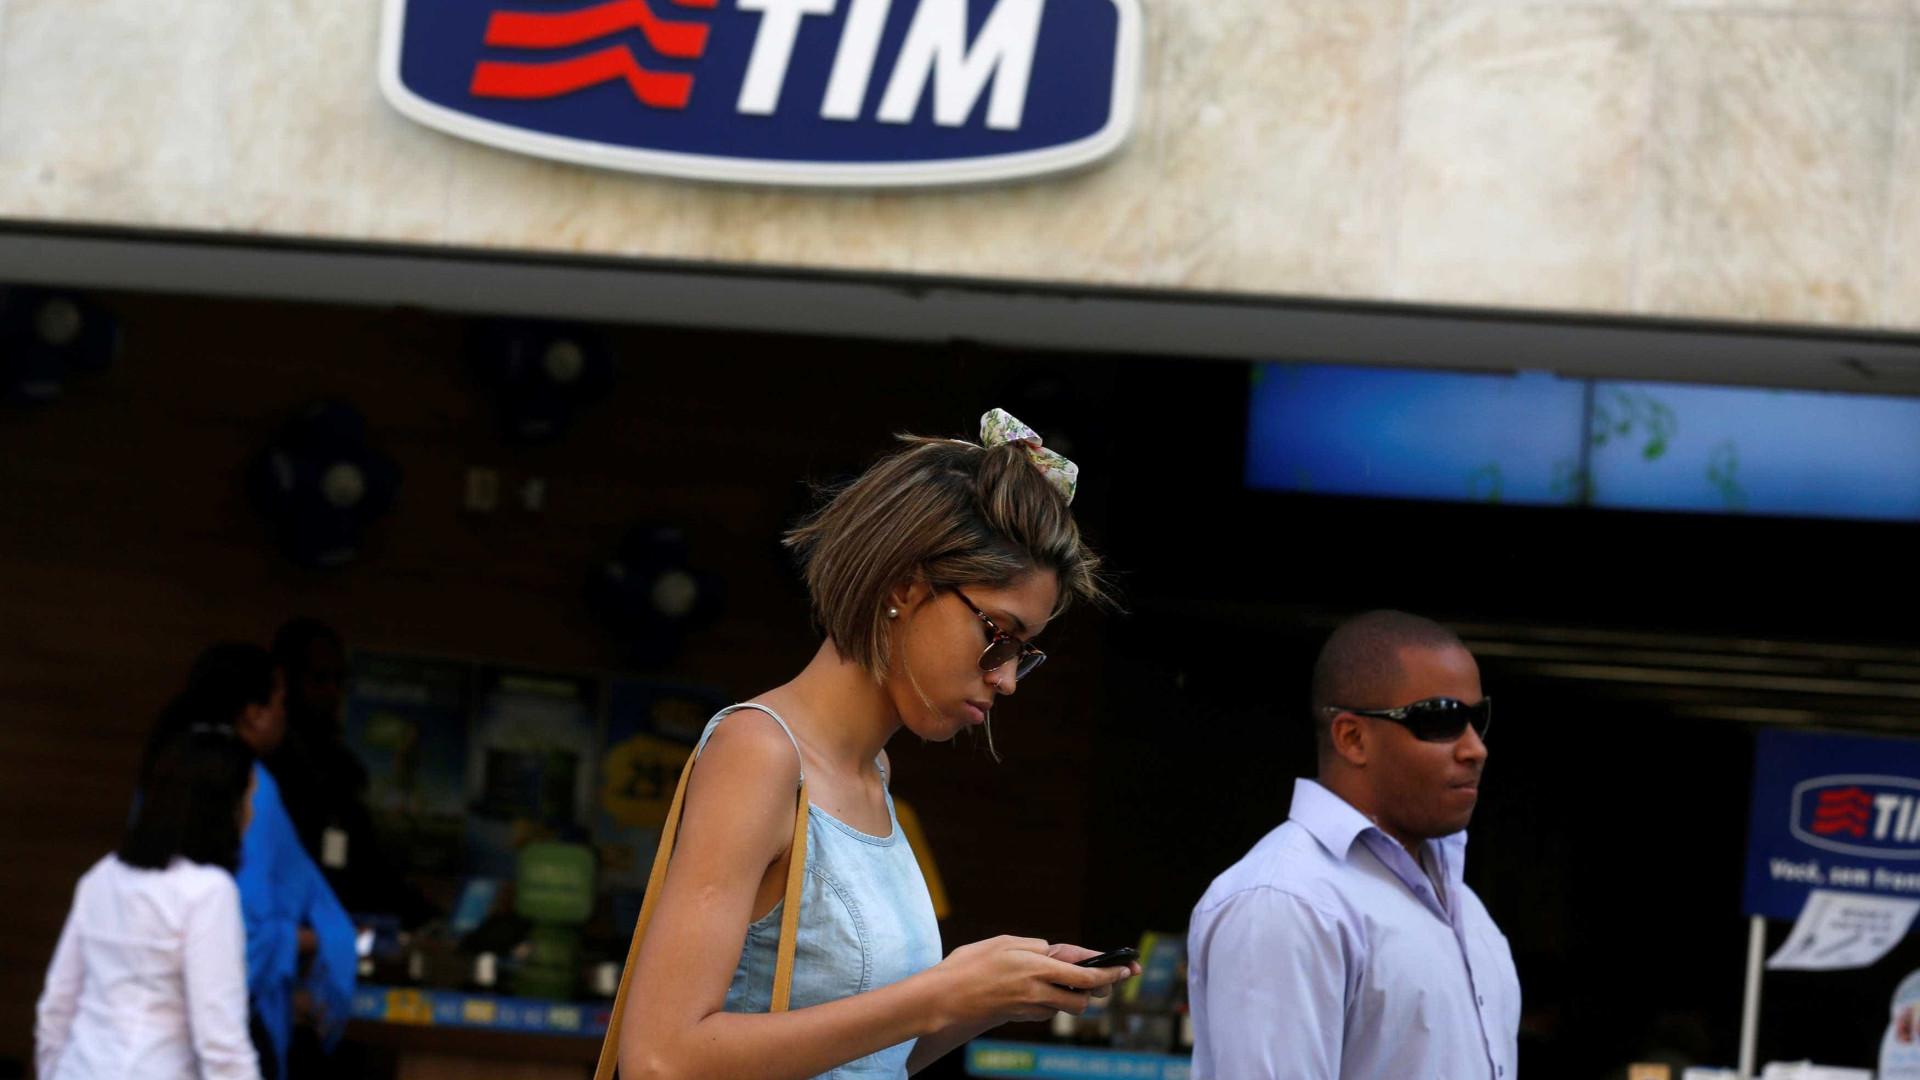 Lucro líquido da TIM cresce 39% no primeiro trimestre